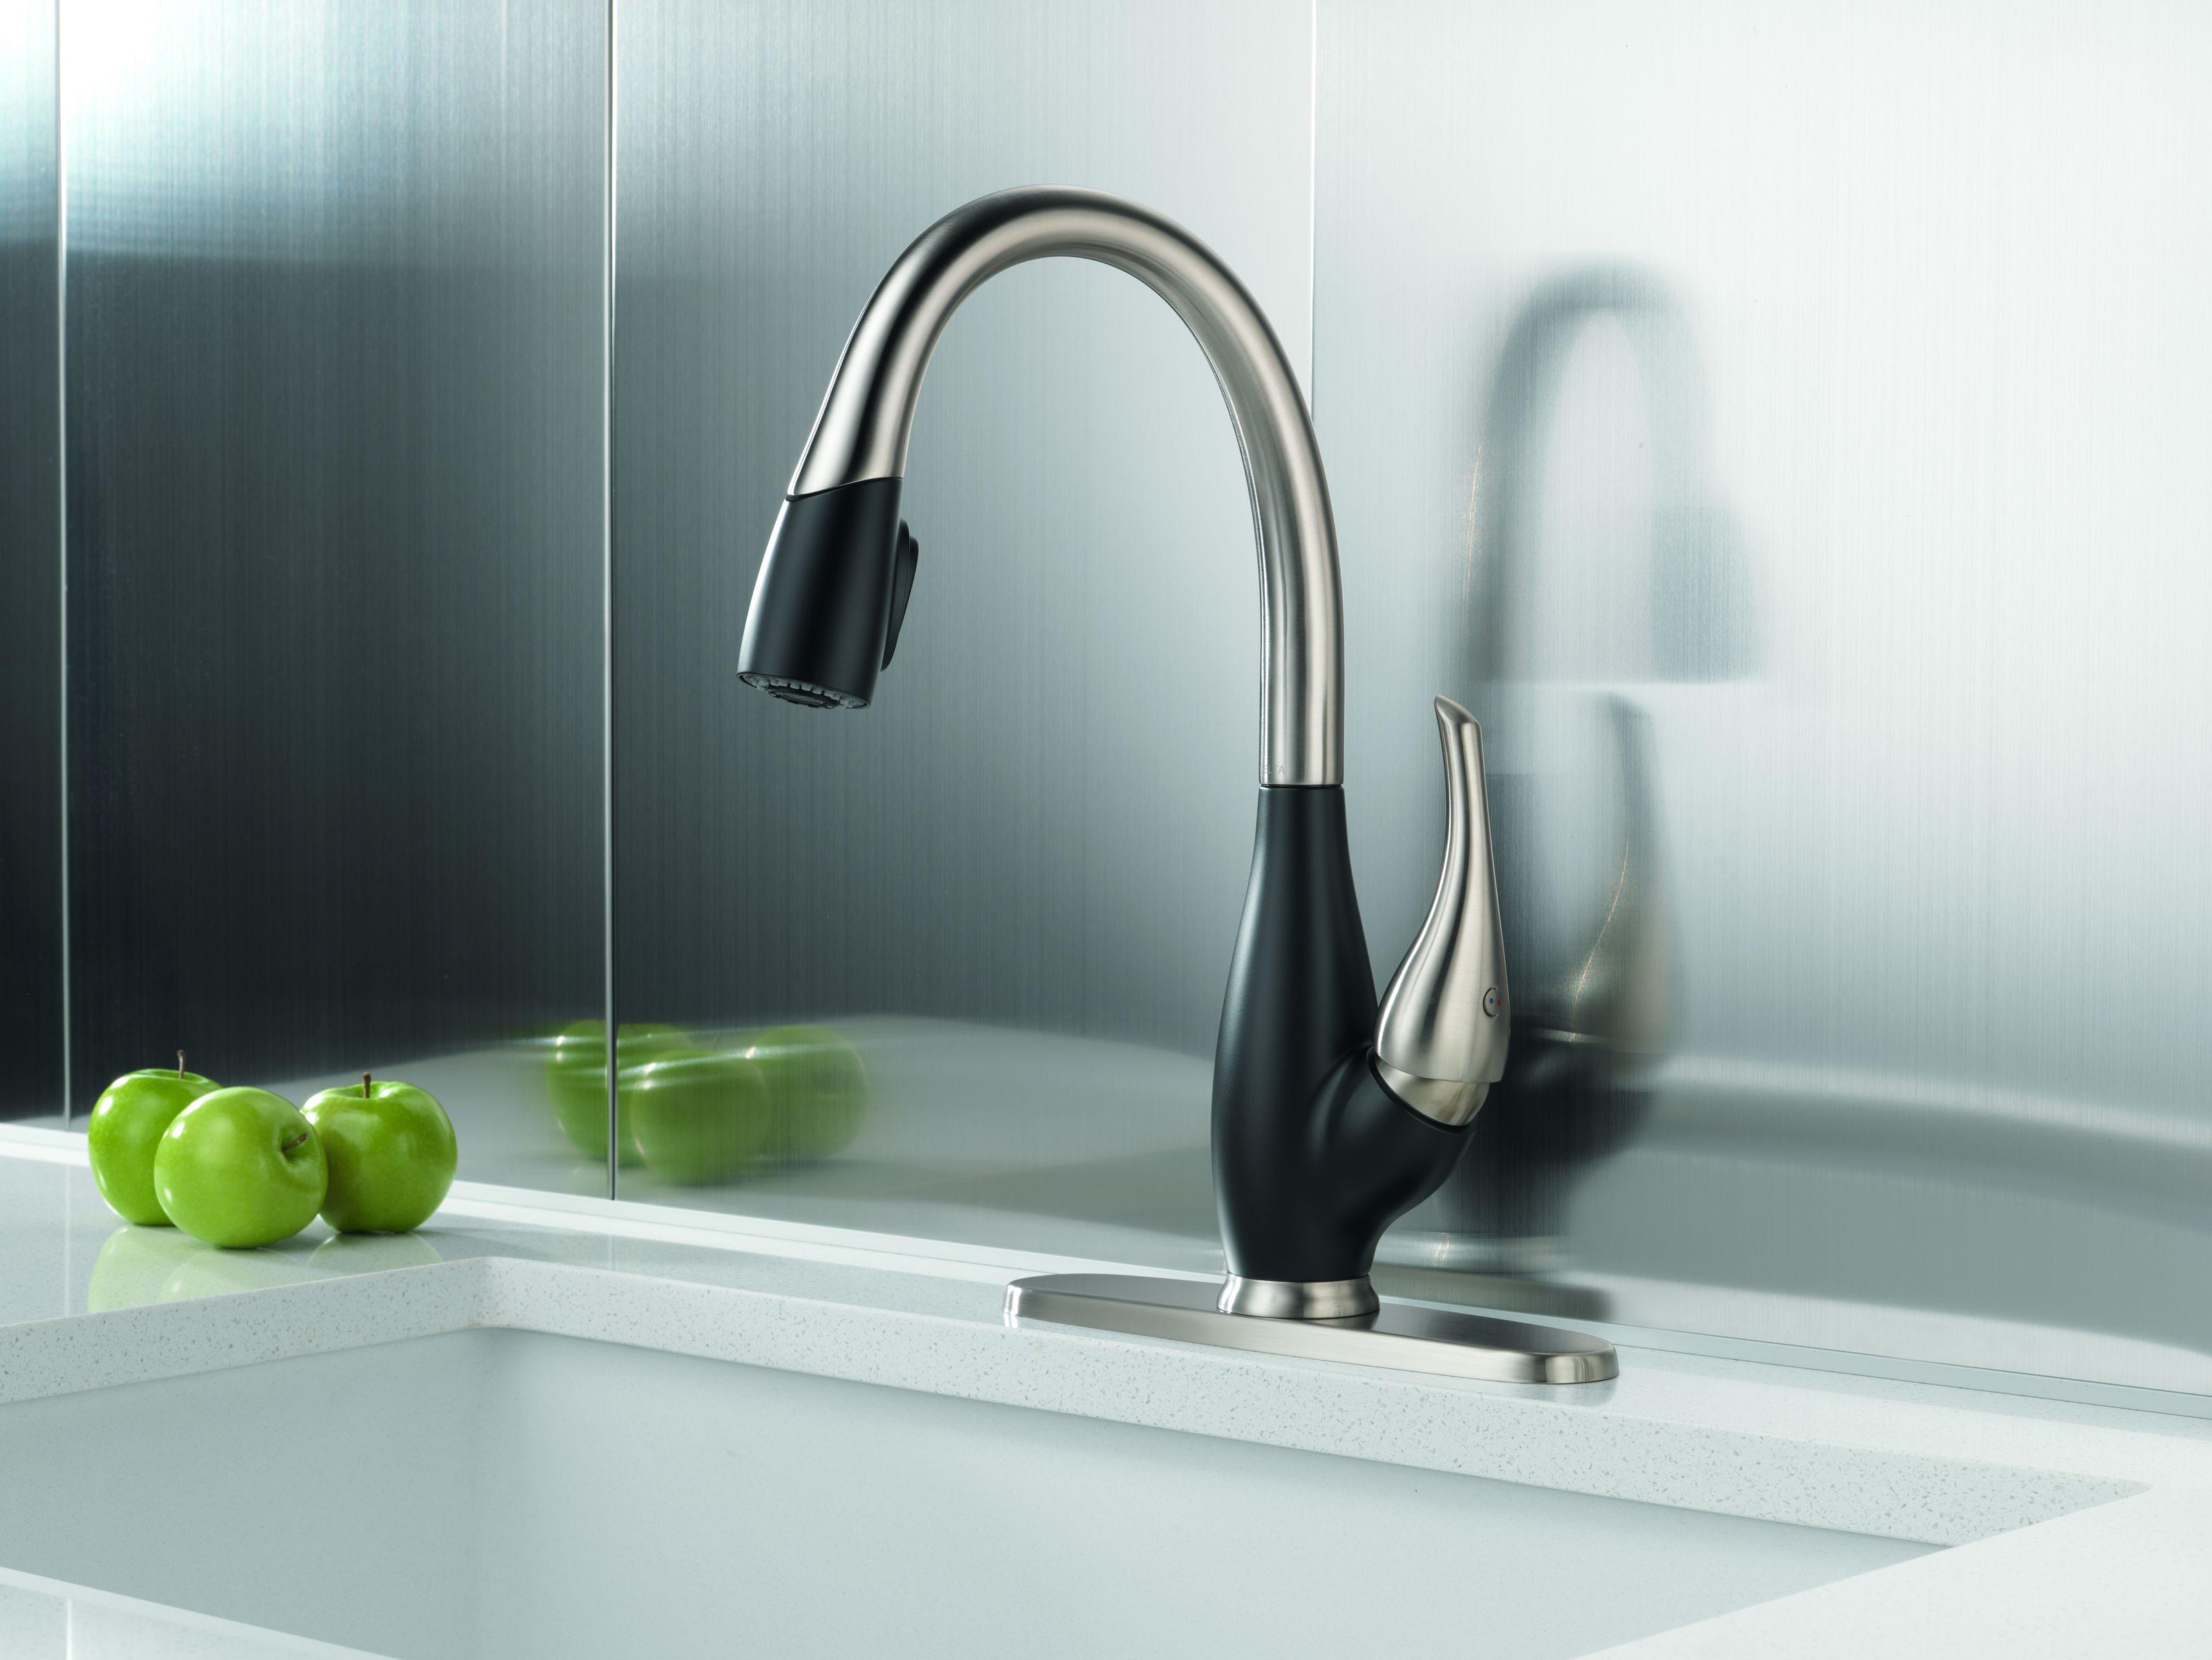 Delta Kitchen Faucet Repair Kit